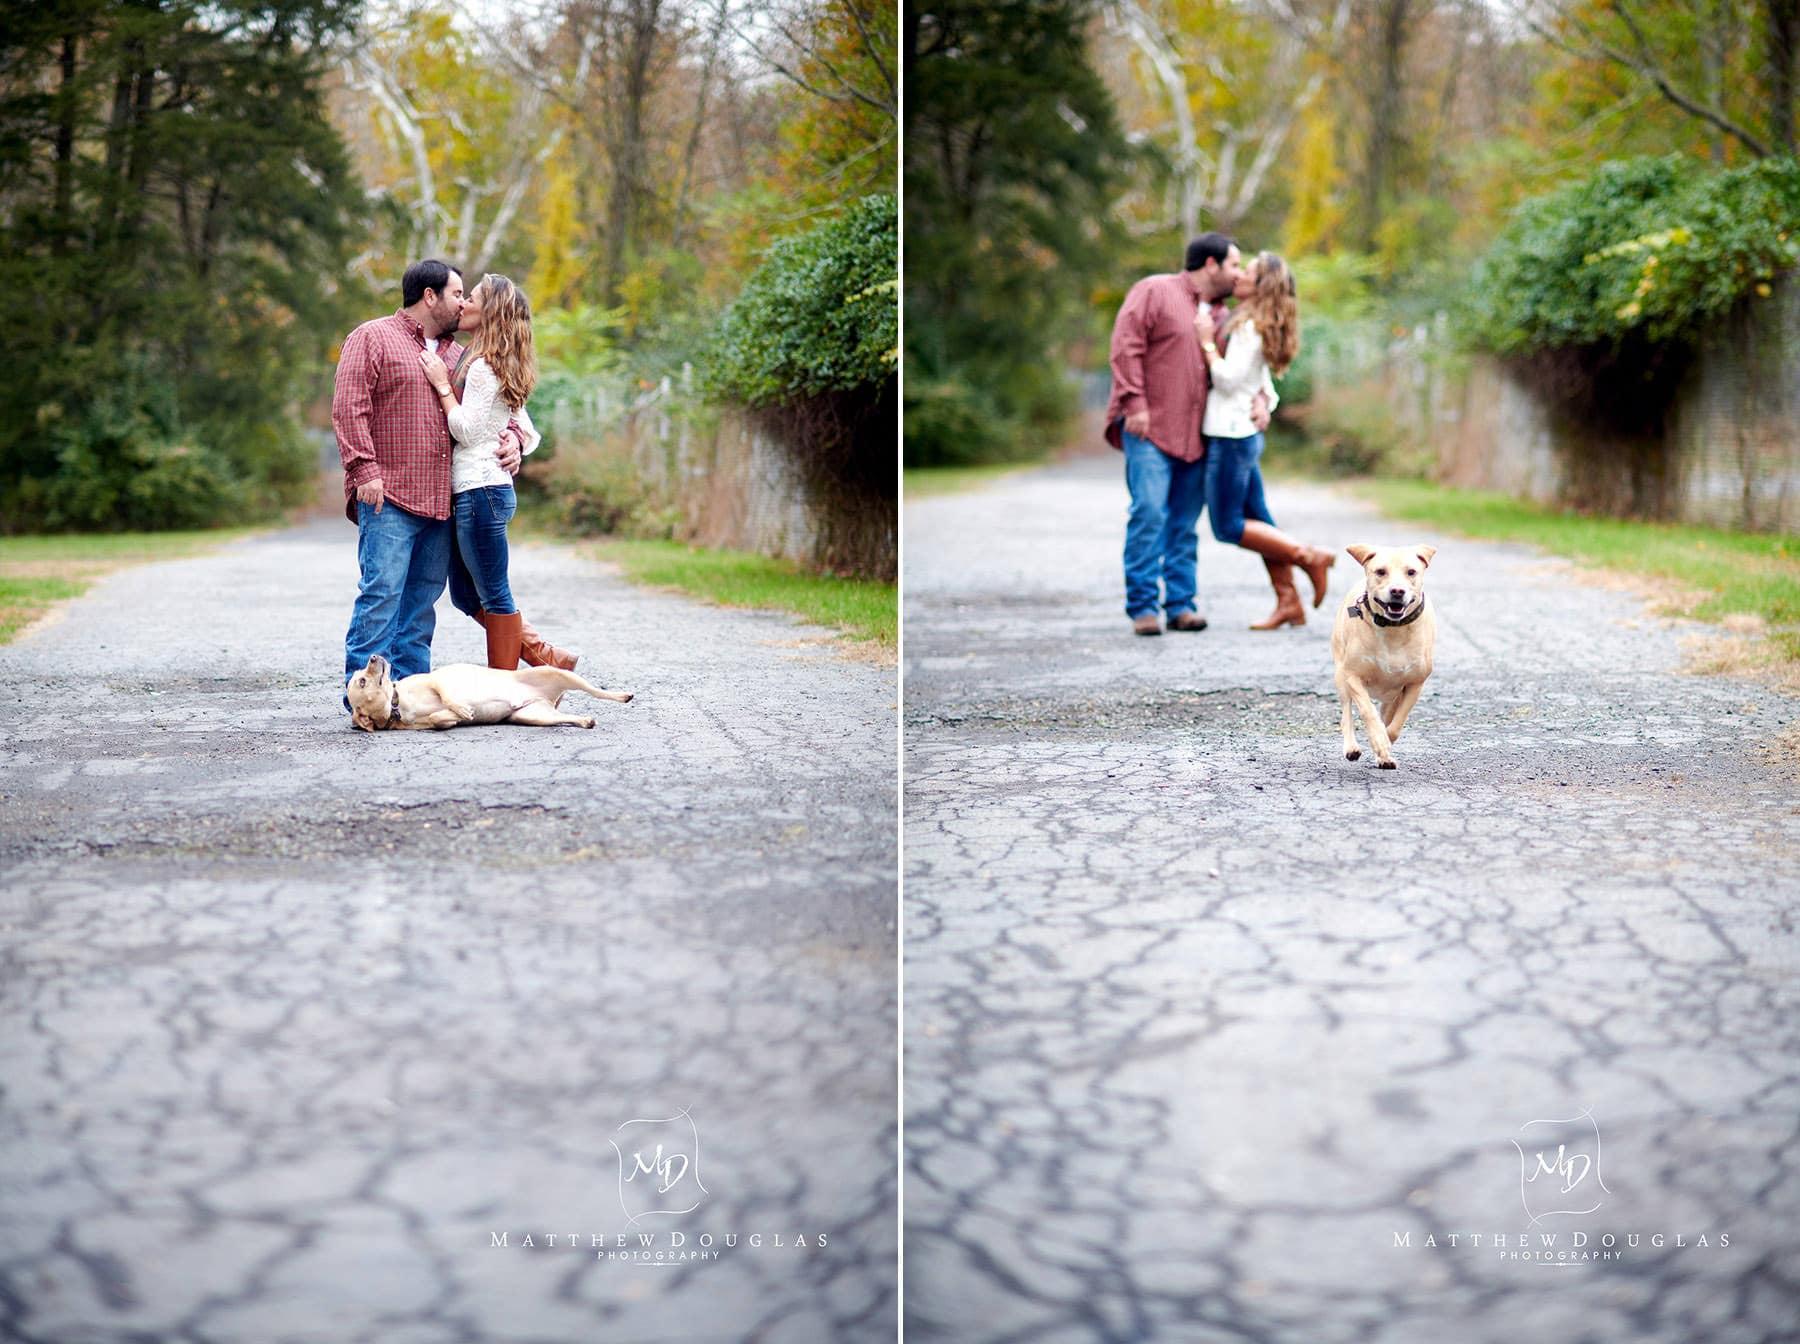 silly dog nj engagement photo